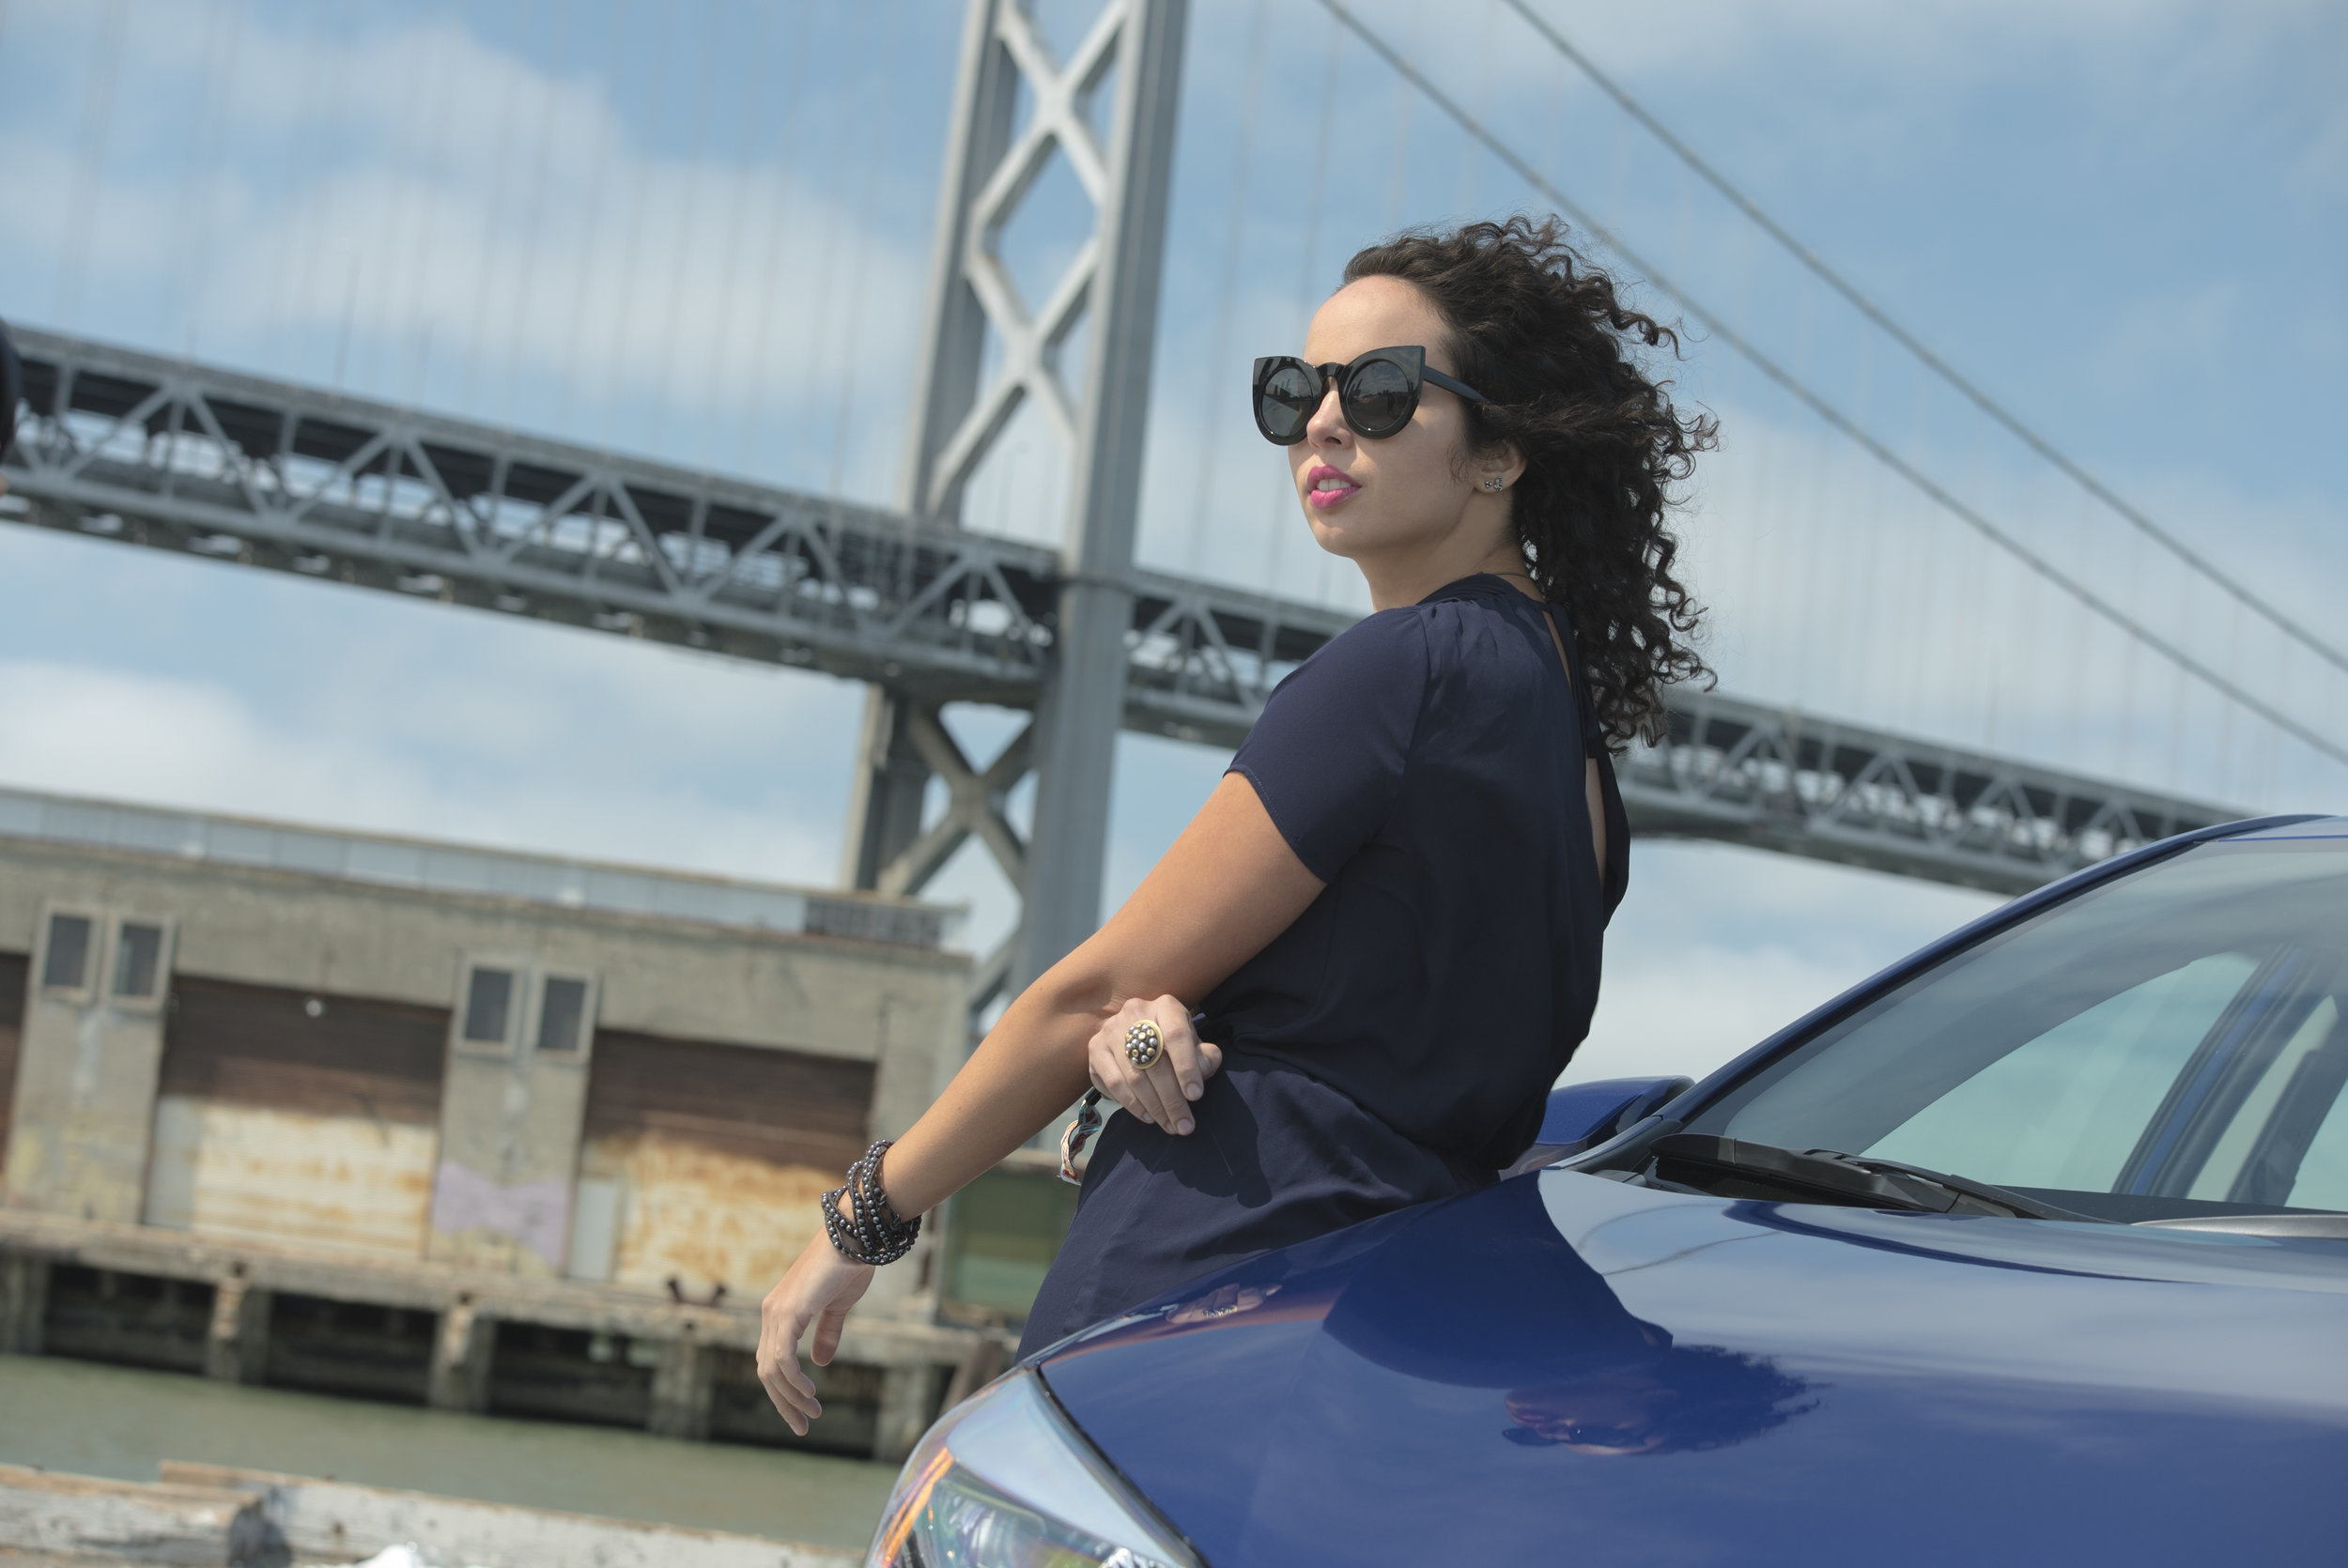 Toyota_RaquelSofia_Social_IG3.jpg